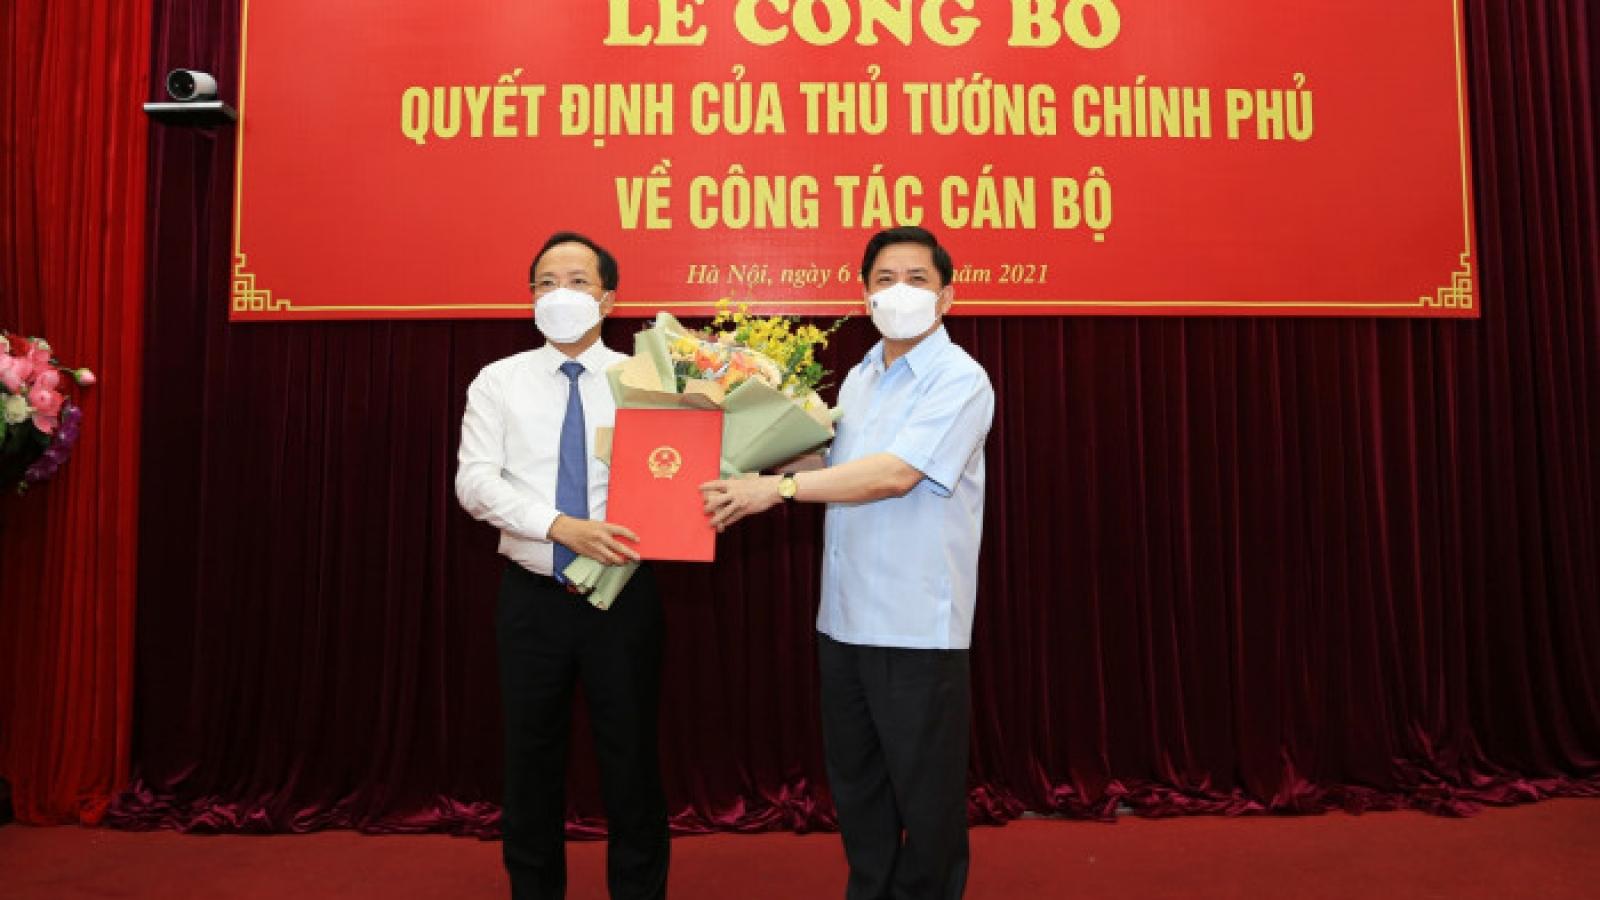 Ông Nguyễn Duy Lâm đượcbổ nhiệm làm Thứ trưởng Bộ GTVT